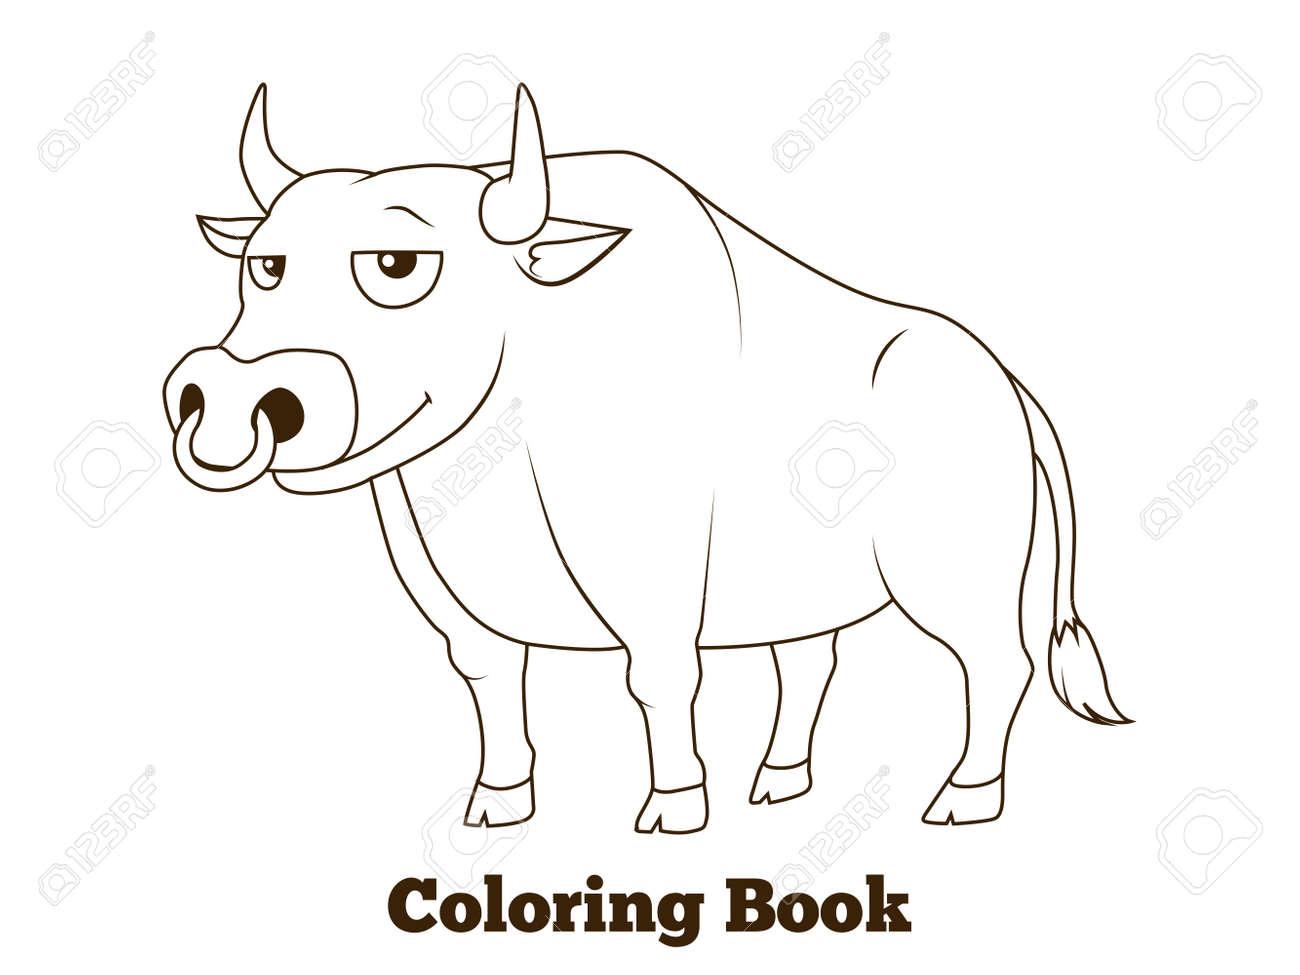 Libro Para Colorear Toro De Dibujos Animados Ilustración Vectorial Educativa